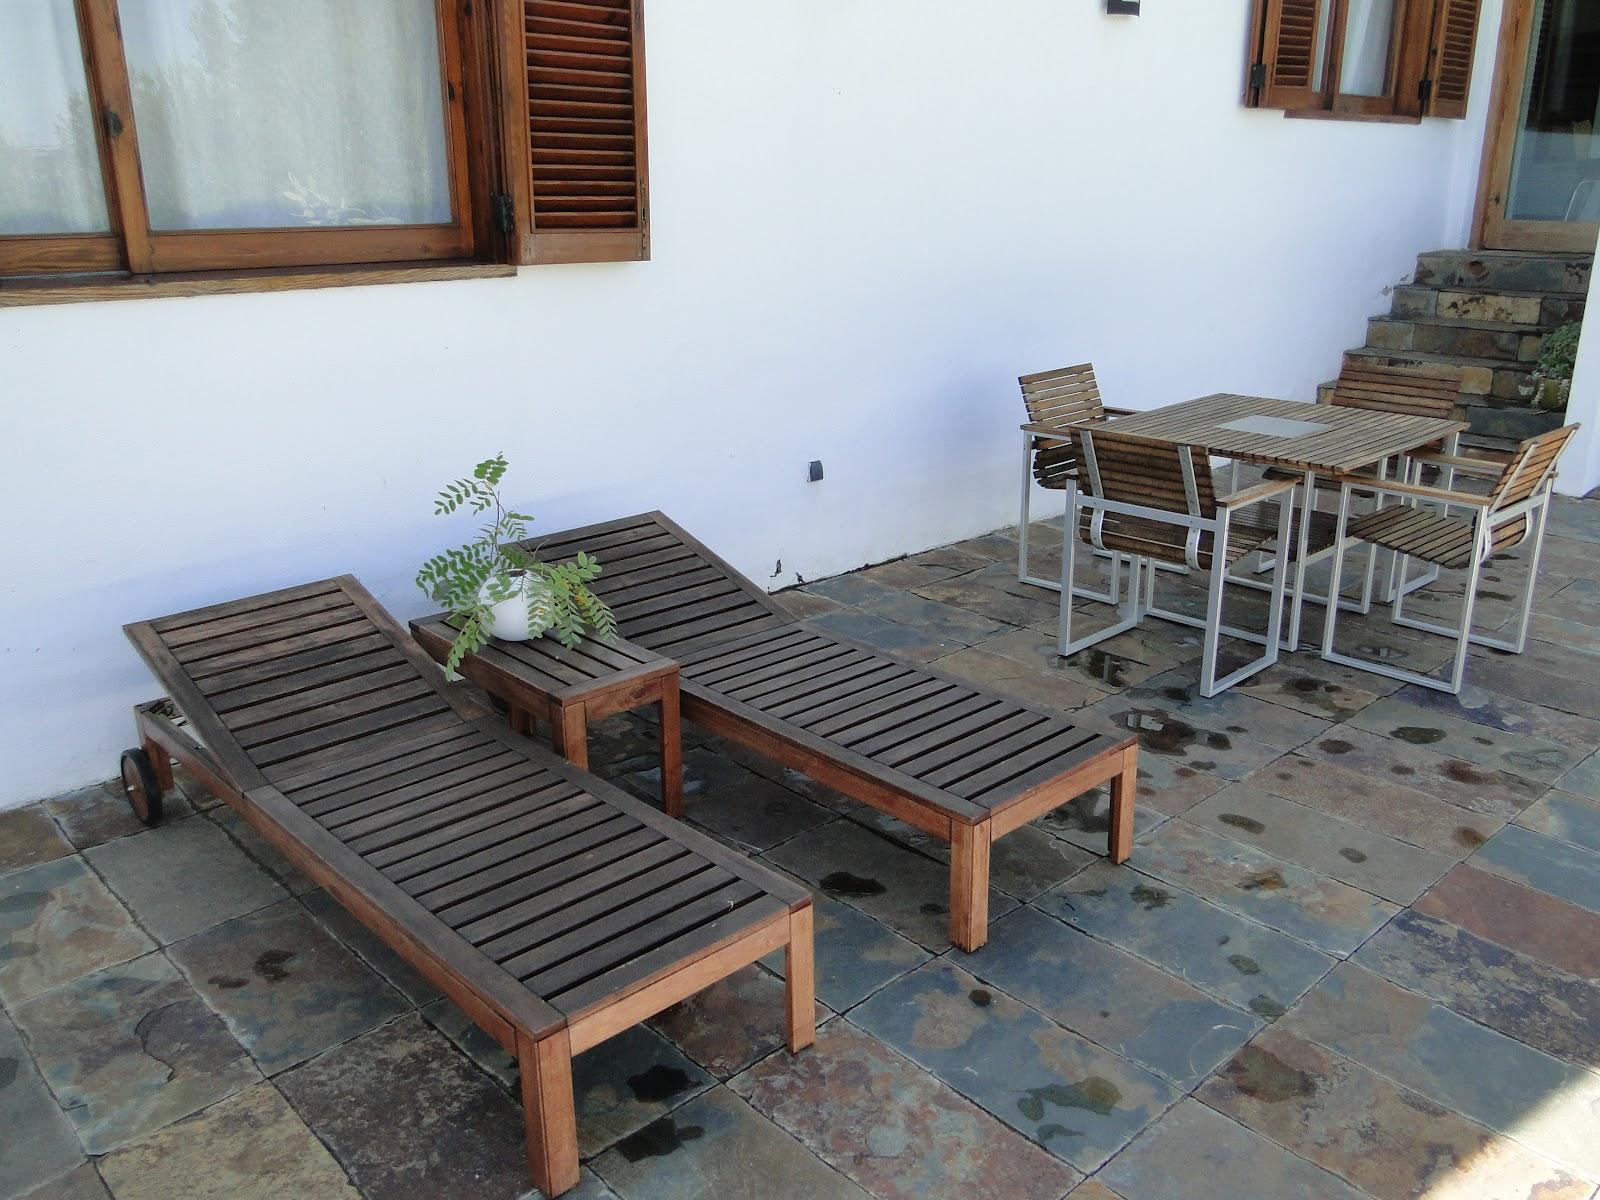 Planos low cost terrazas sol o sombra for Catalogo ikea muebles de jardin